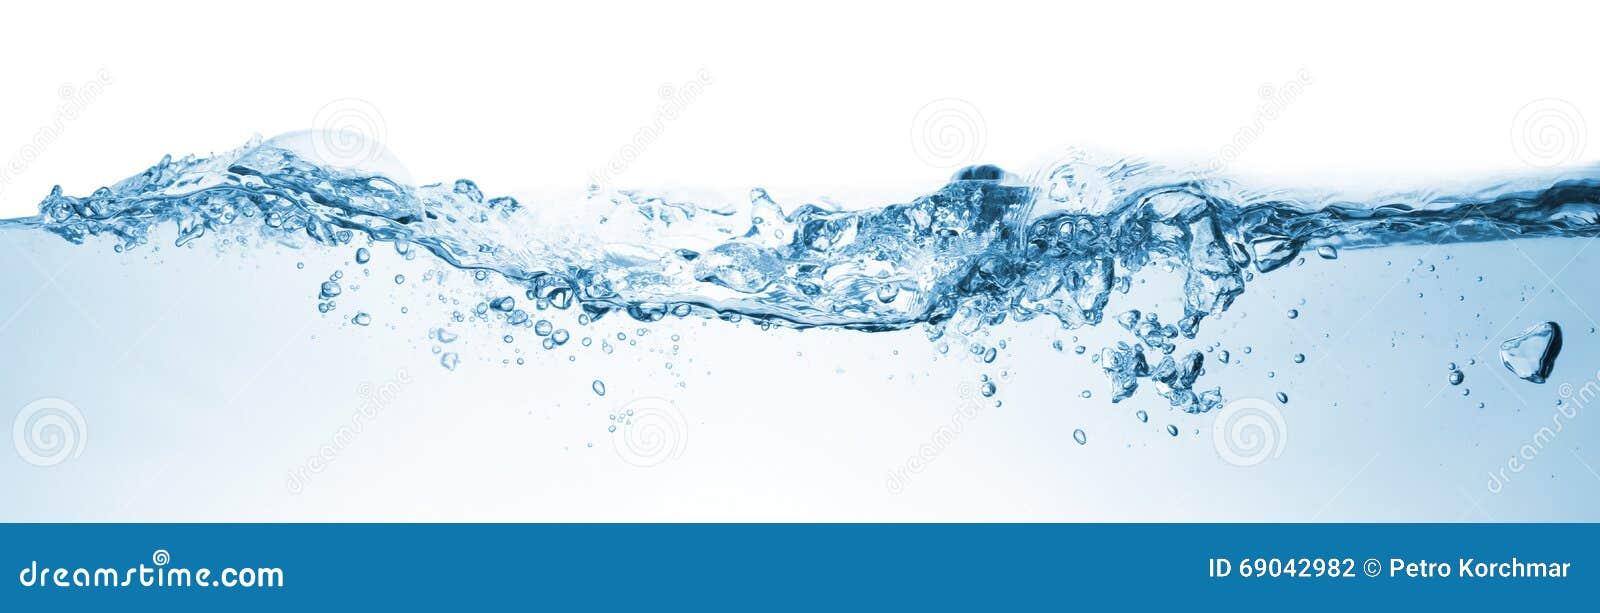 Onda Agua que salpica sobre el fondo blanco